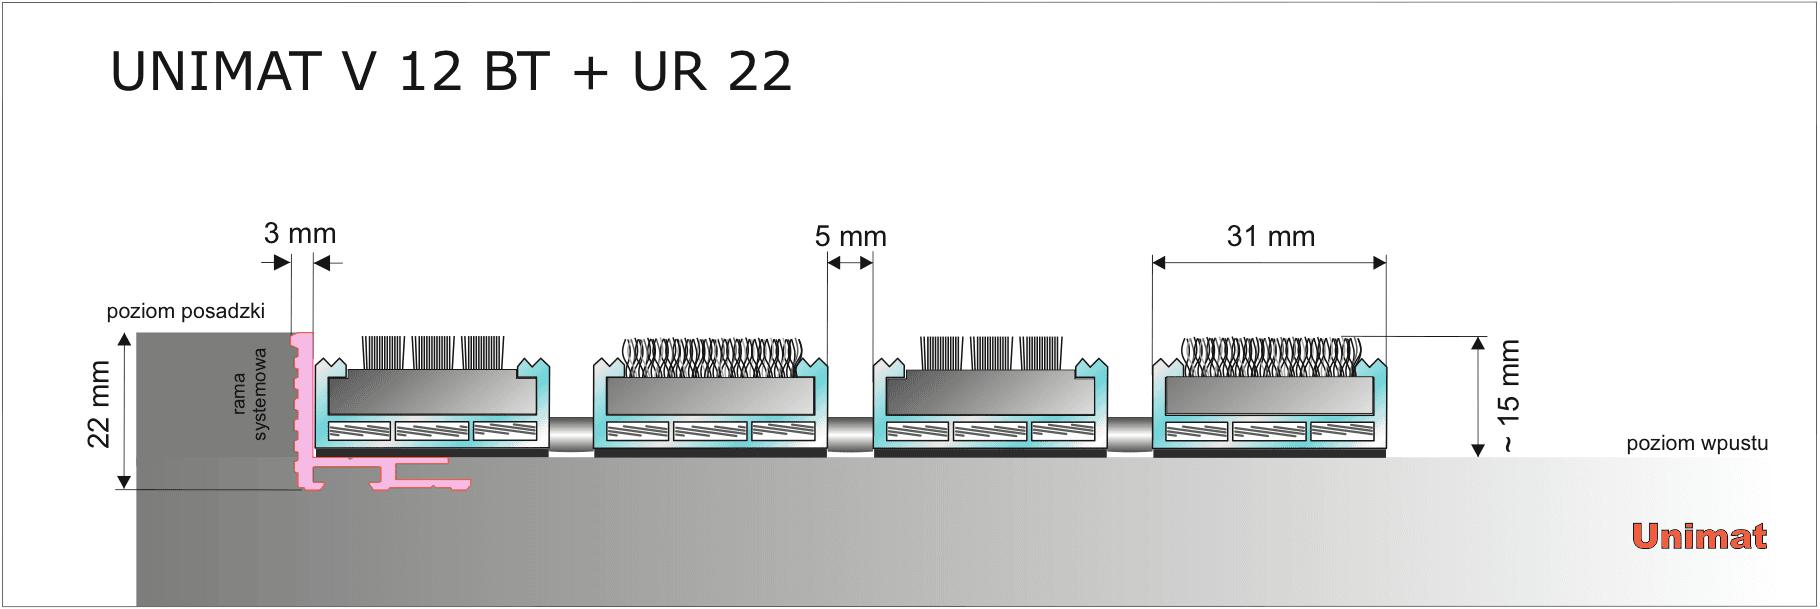 Unimat V 12 BT + UR 22.png